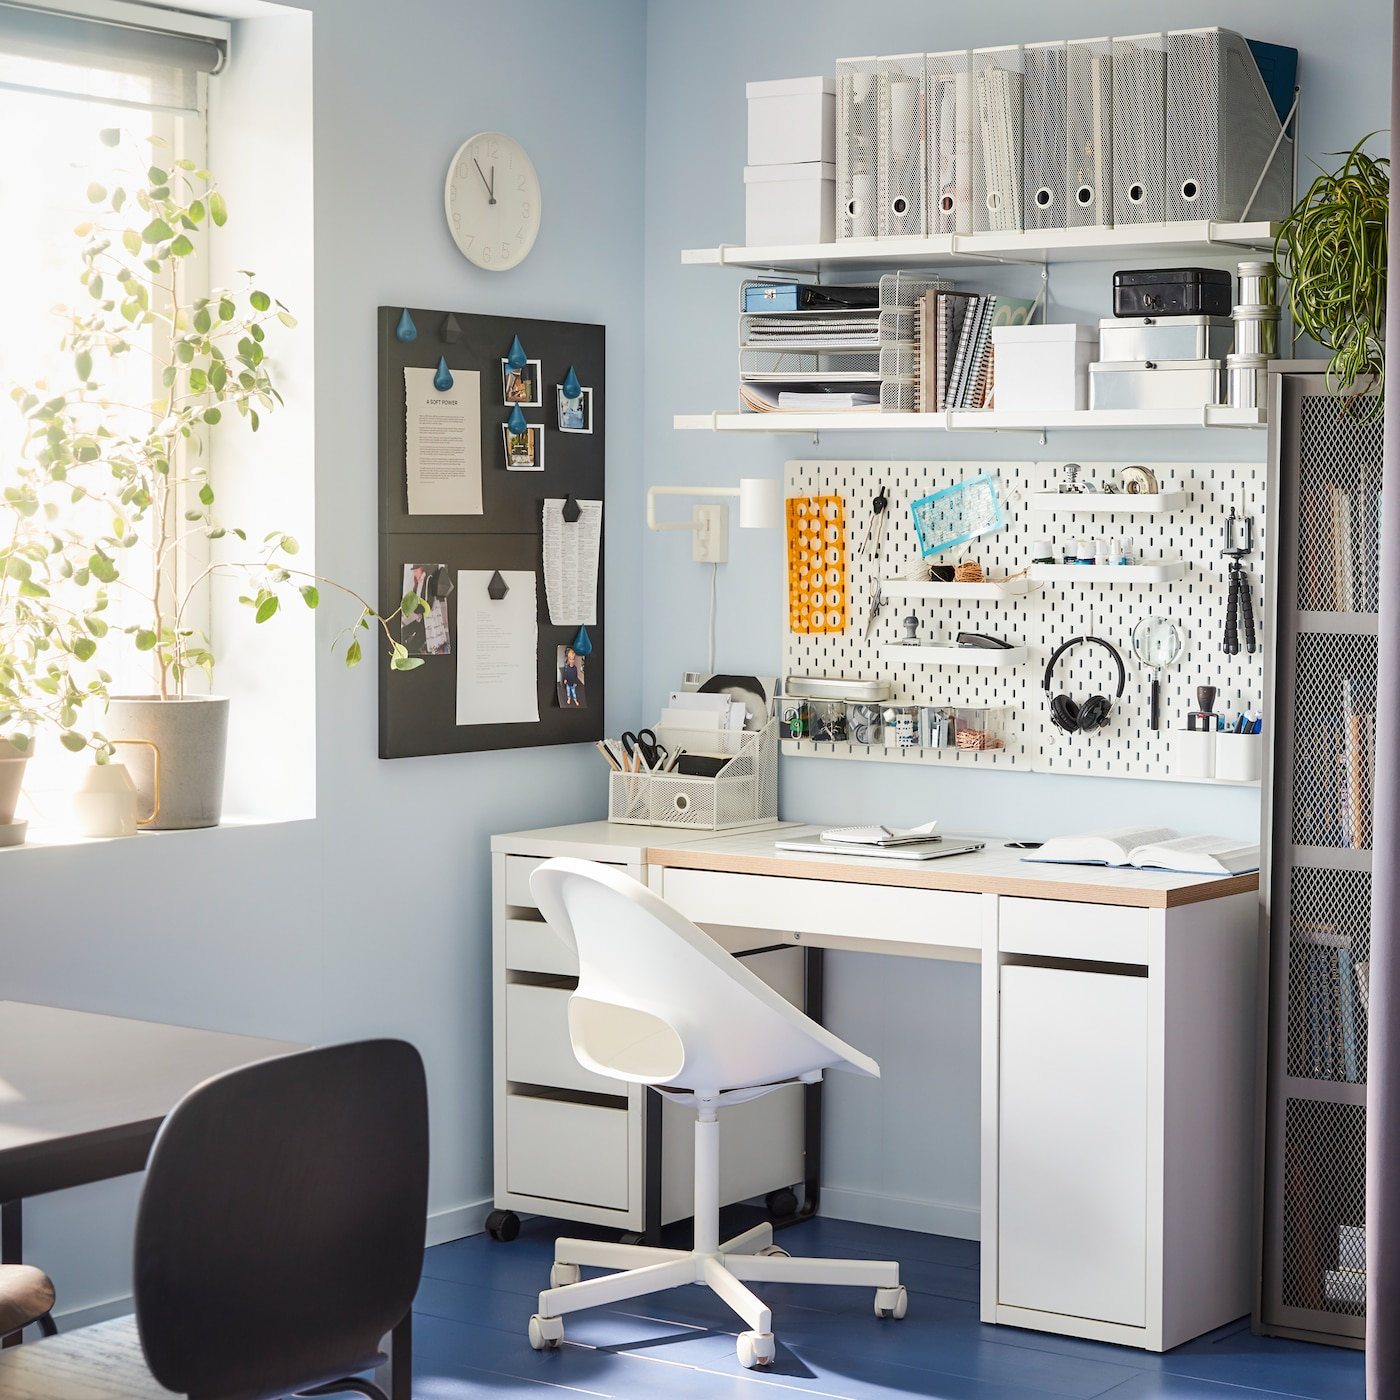 Ein Heimarbeitsplatz mit einem Schreibtisch, einem Drehstuhl, zwei Wandregalen und einer Lochplatte in Weiß und einem grauer Schrank